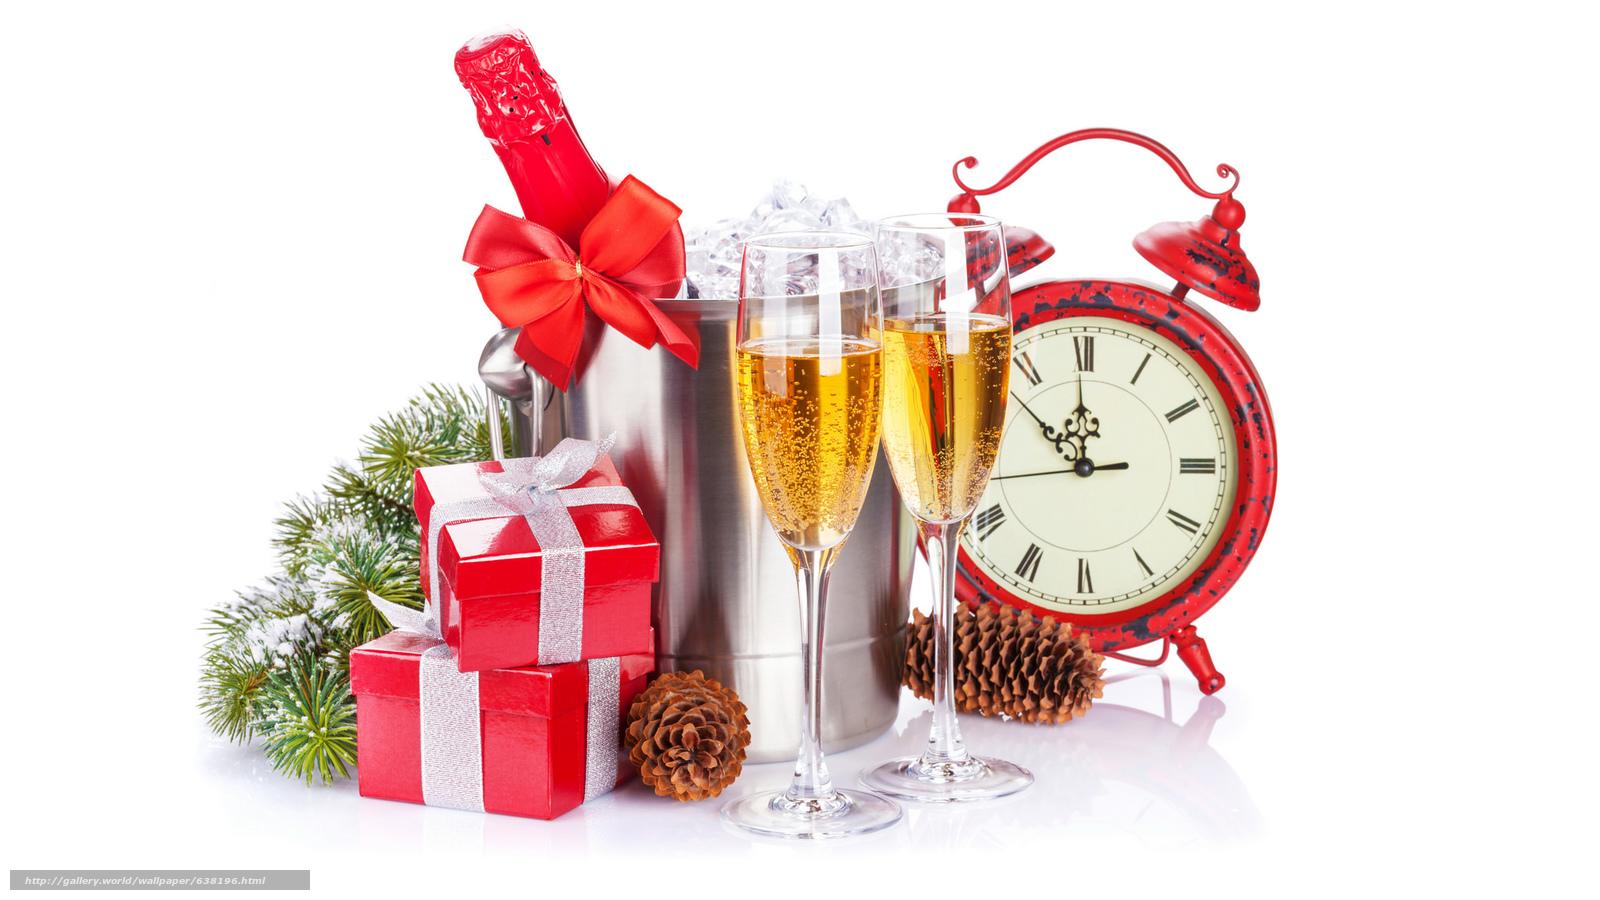 下载壁纸 节日,  圣诞壁纸,  新年好 免费为您的桌面分辨率的壁纸 2048x1152 — 图片 №638196